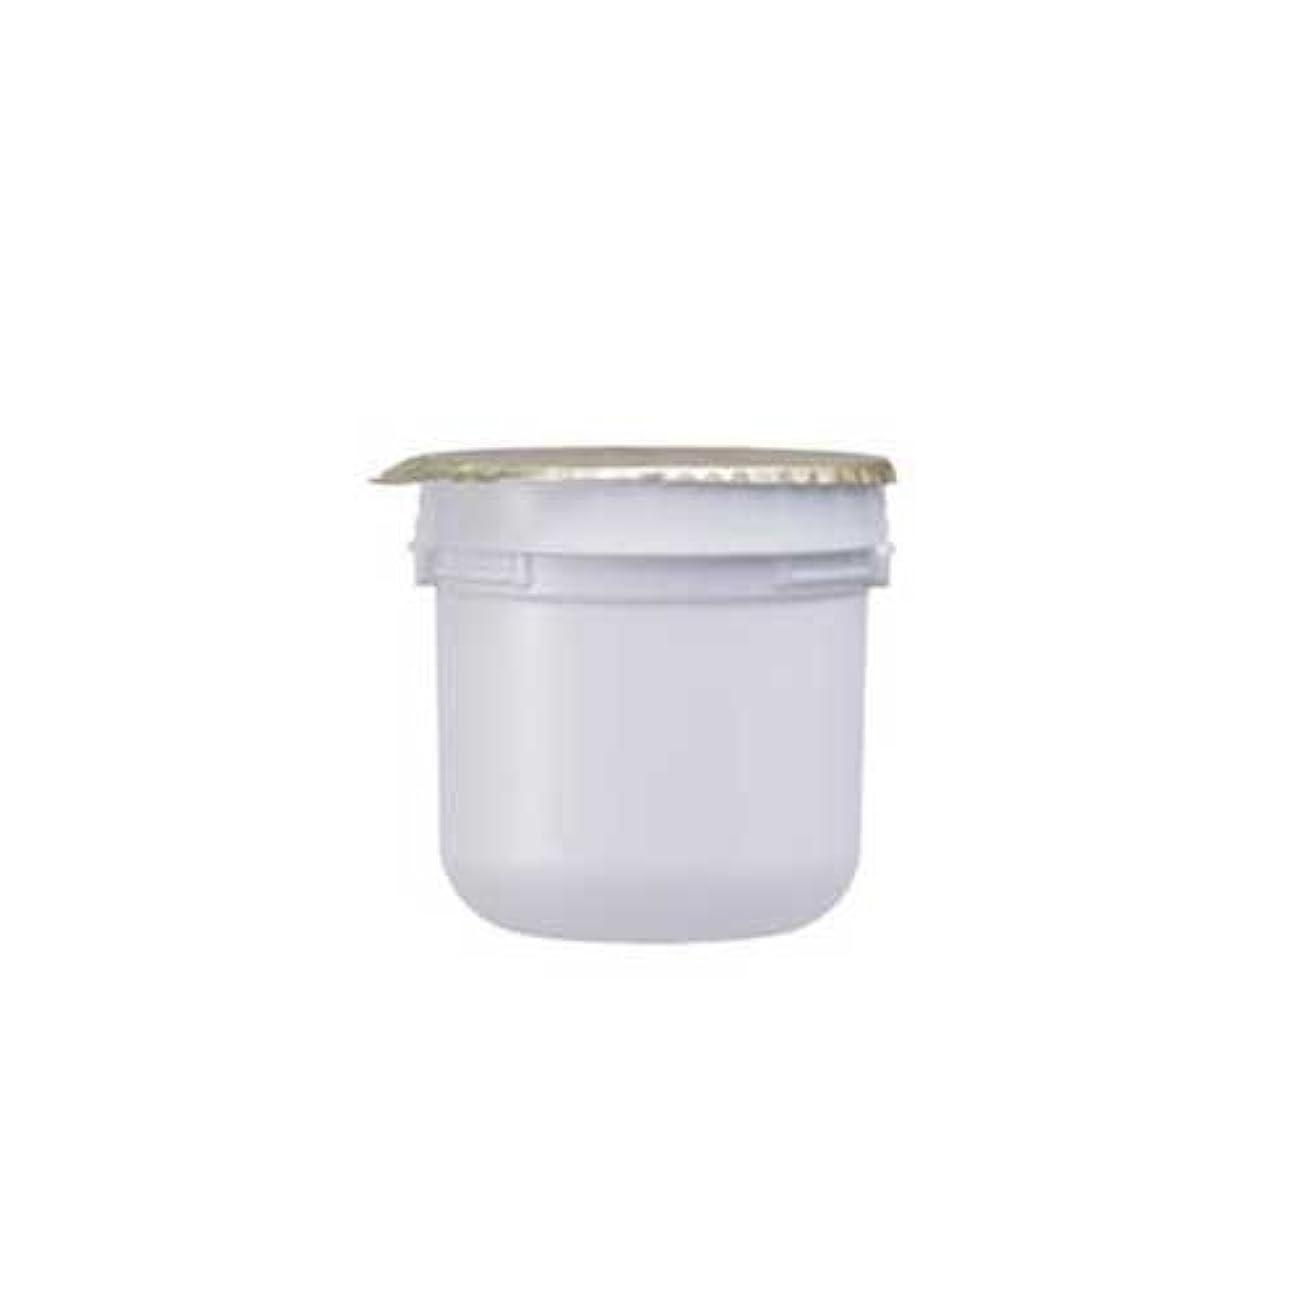 アレルギー校長マーケティングASTALIFT(アスタリフト) ホワイト クリーム(美白クリーム)レフィル 30g